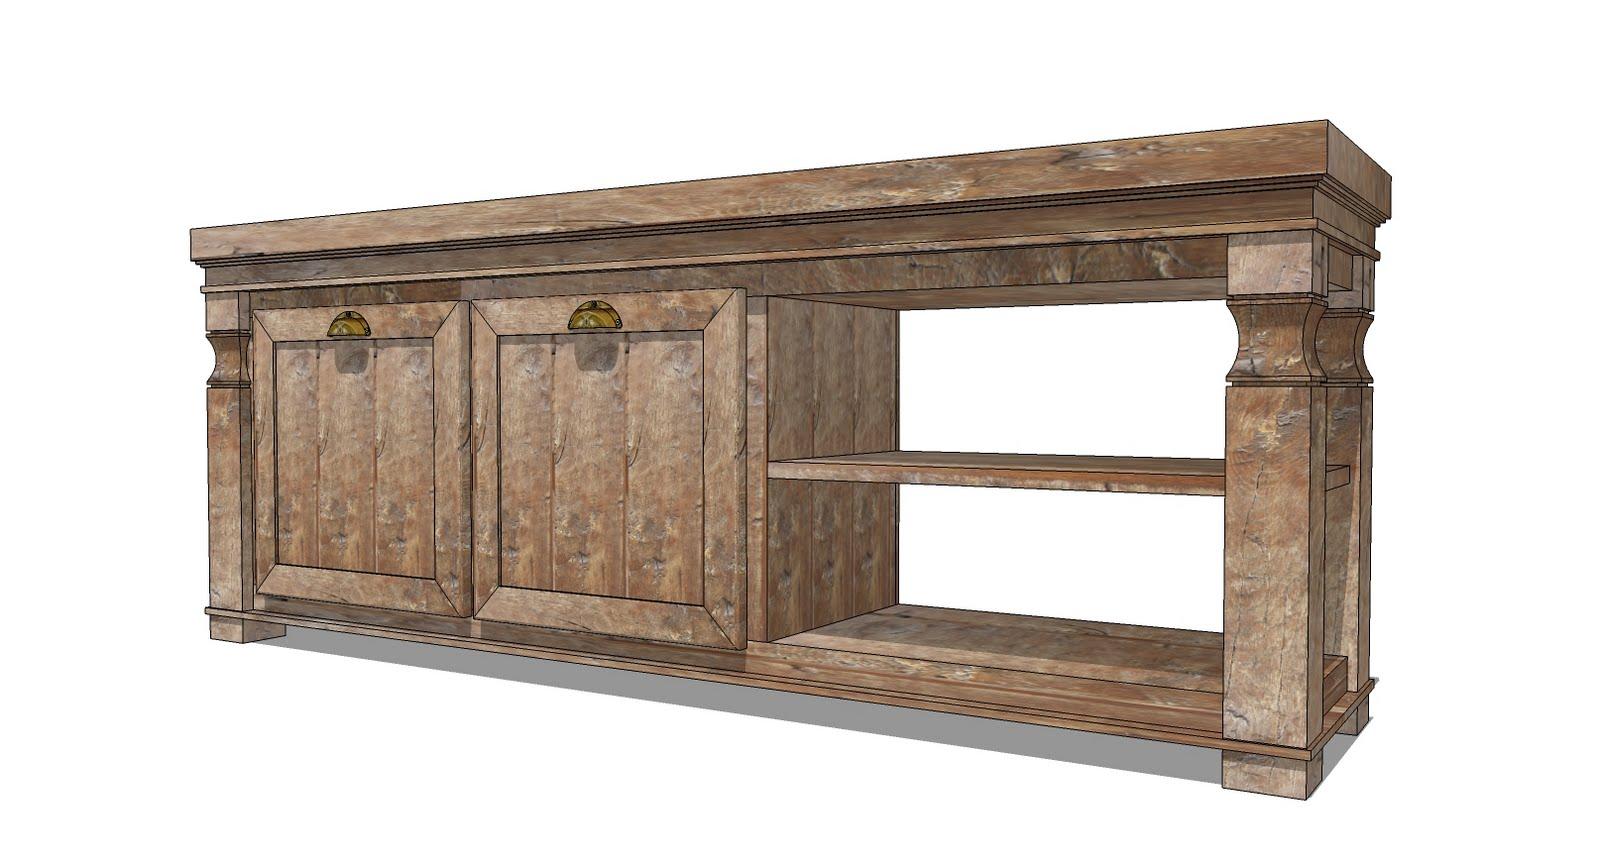 arqpadao: Balcão madeira #7F644C 1600x866